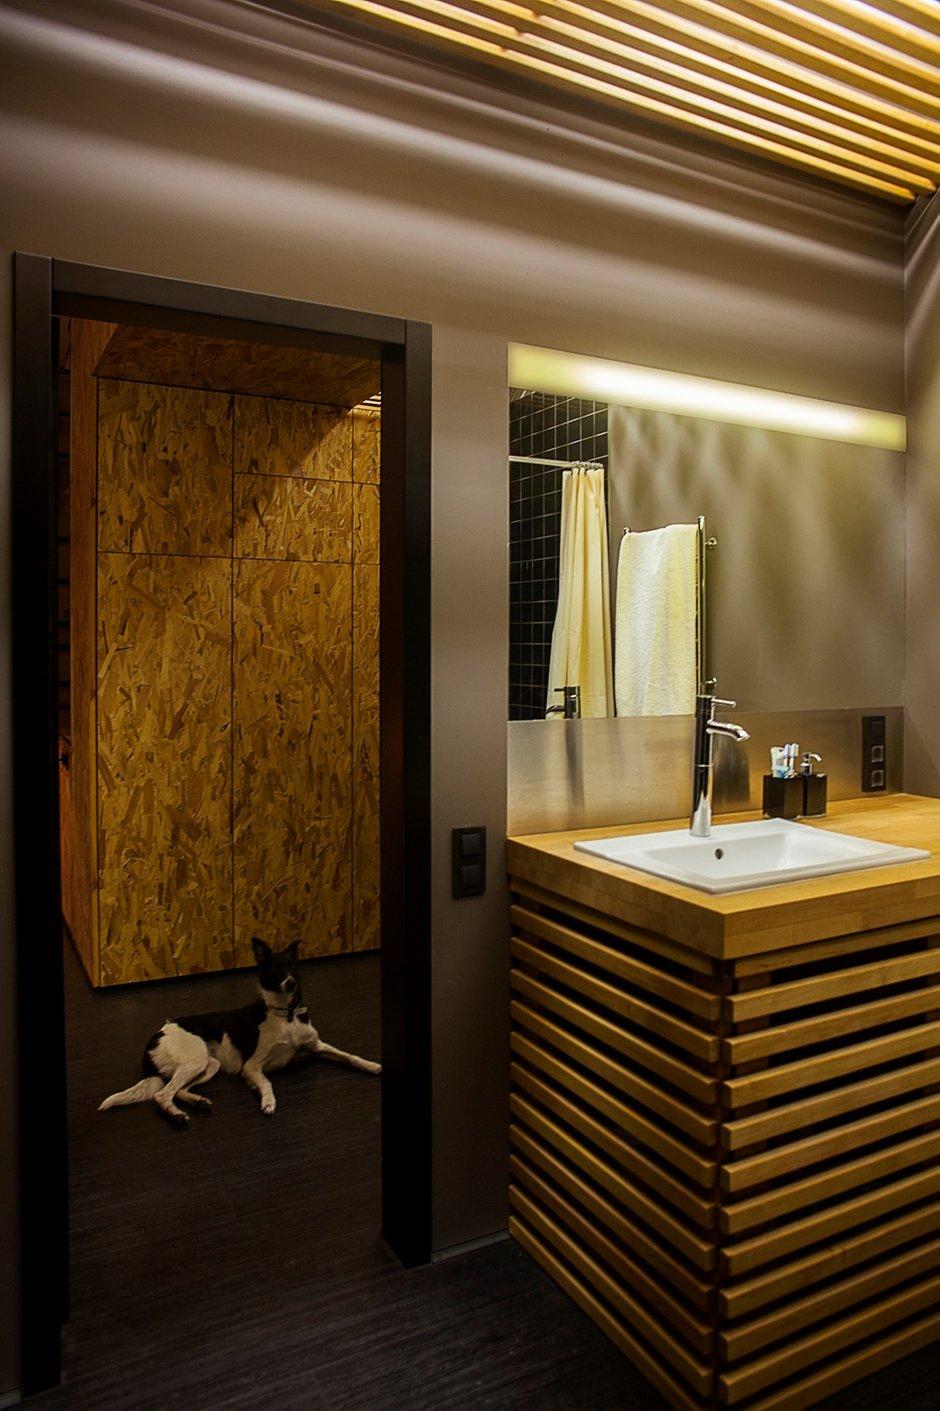 Фотография: Ванная в стиле Современный, Малогабаритная квартира, Квартира, Украина, Vitra, Дома и квартиры, Перепланировка, Библиотека, Киев, Подиум – фото на INMYROOM